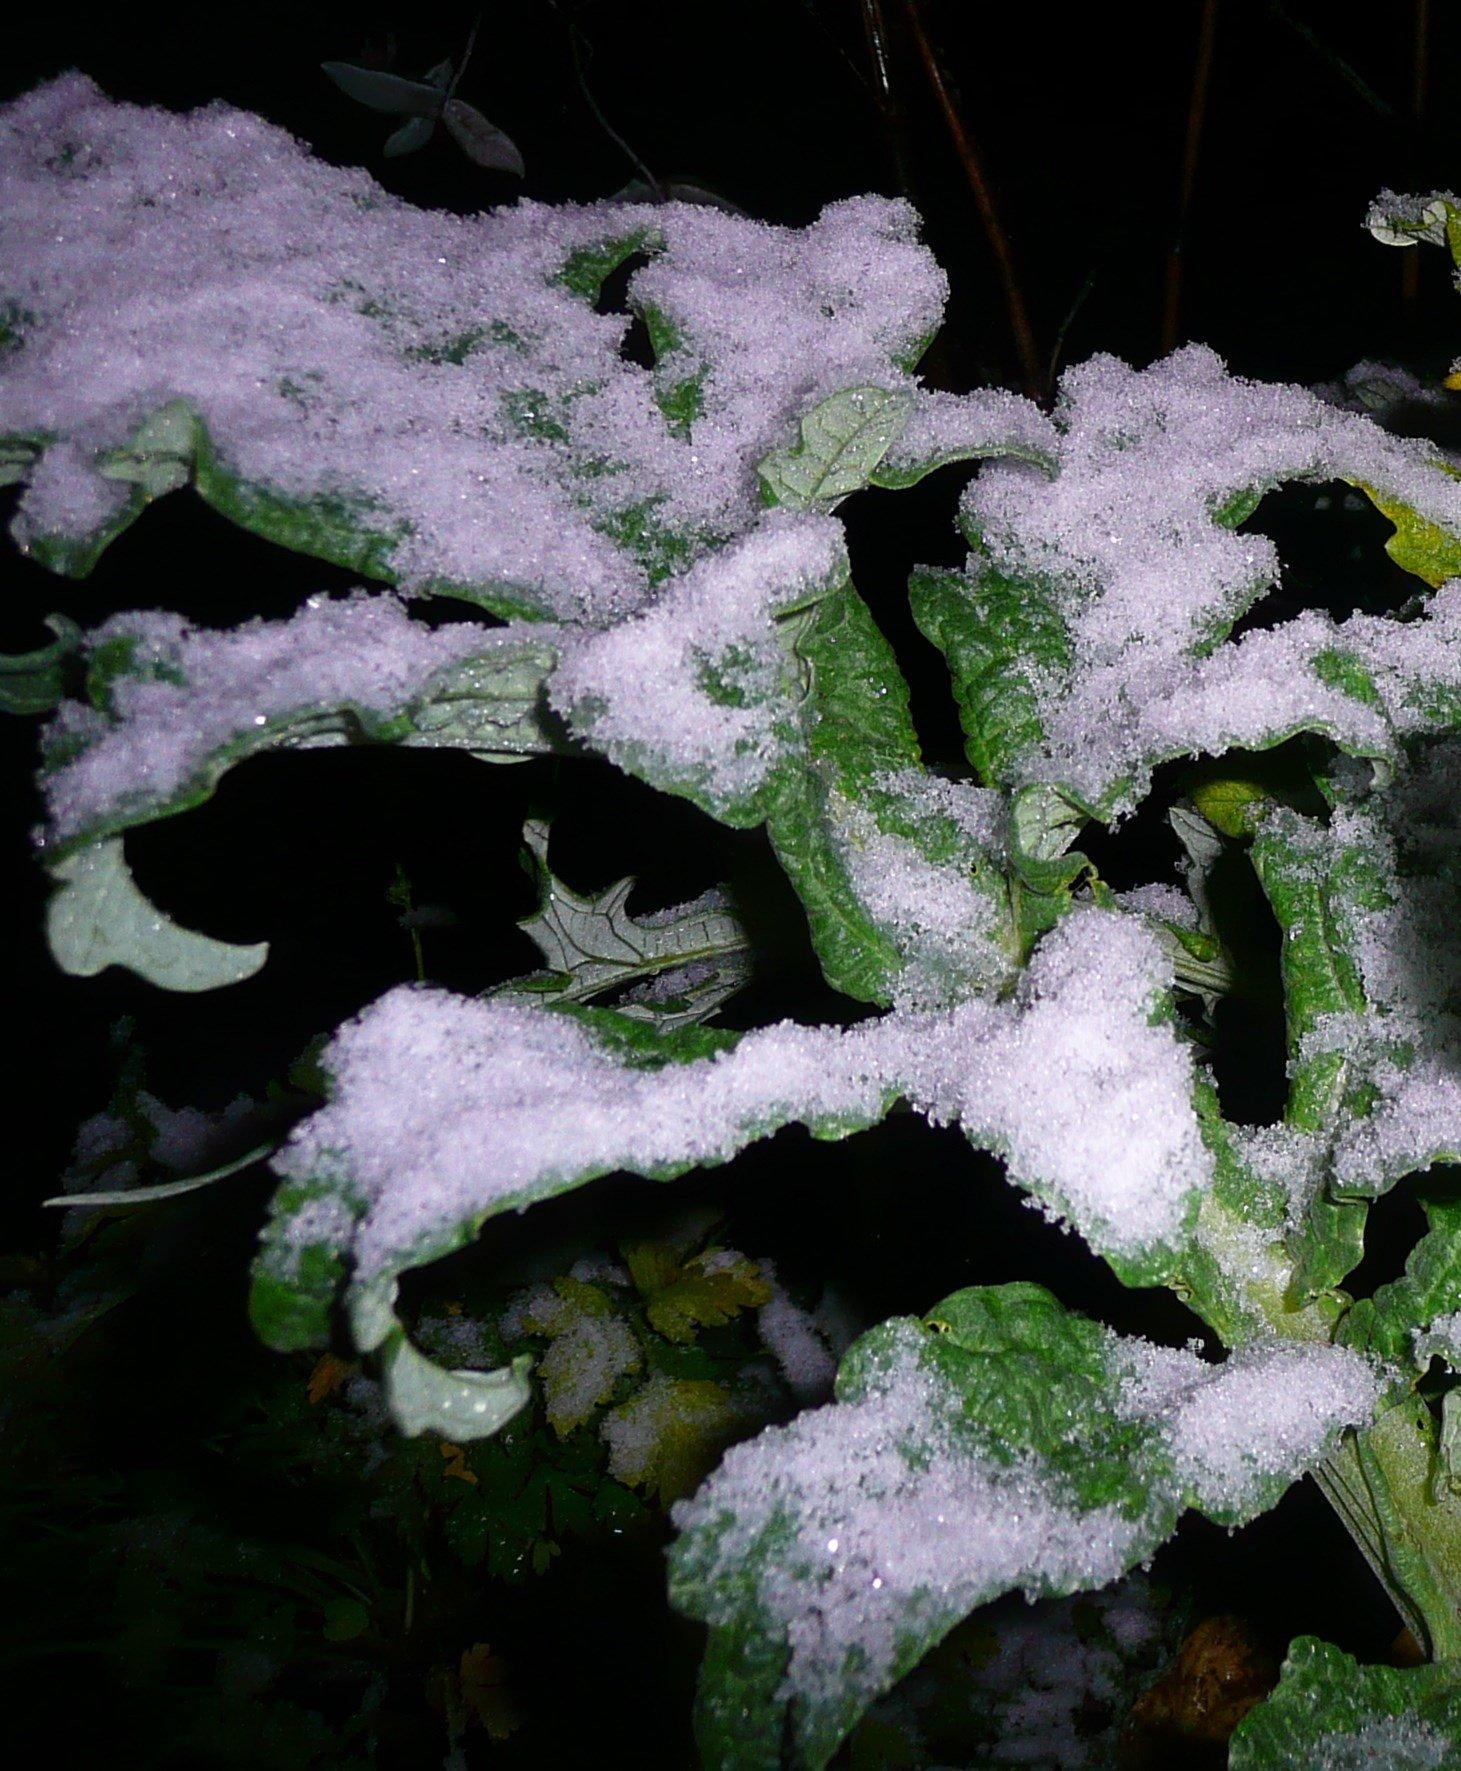 Snow near Skyline area (Courtesy: Cindy Clay)